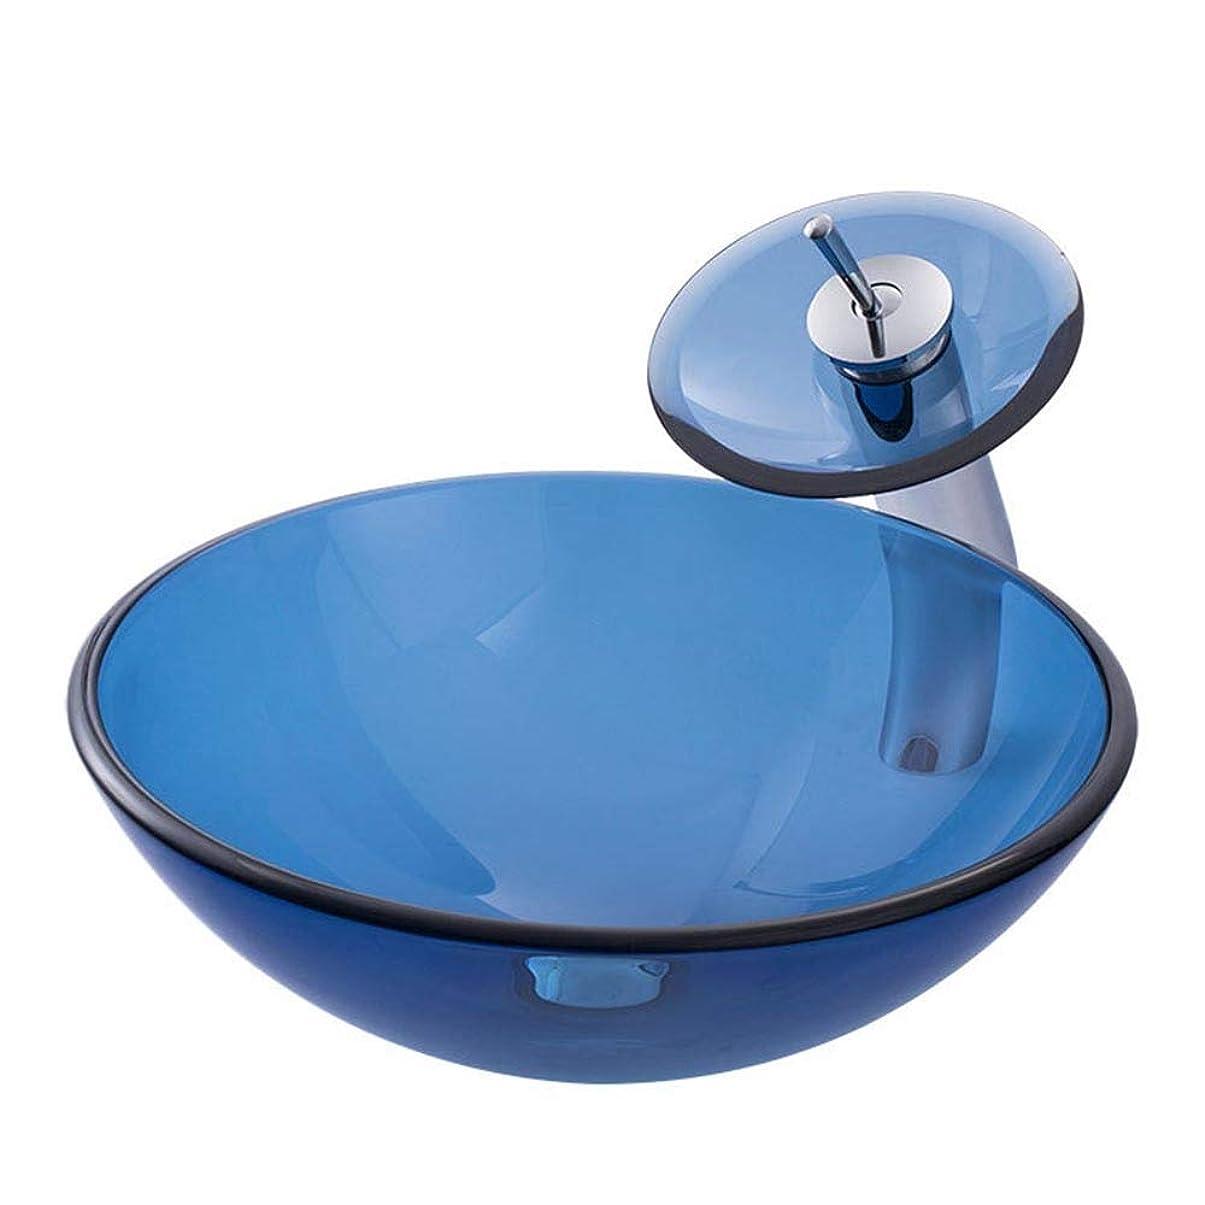 パン屋再撮り永遠の浴室の流し 現代の強化ガラス容器ボウルシンクの青い滝クローム蛇口コンボ、ポップアップシンクドレイン (Color : Blue, Size : 42x42x14.5cm)